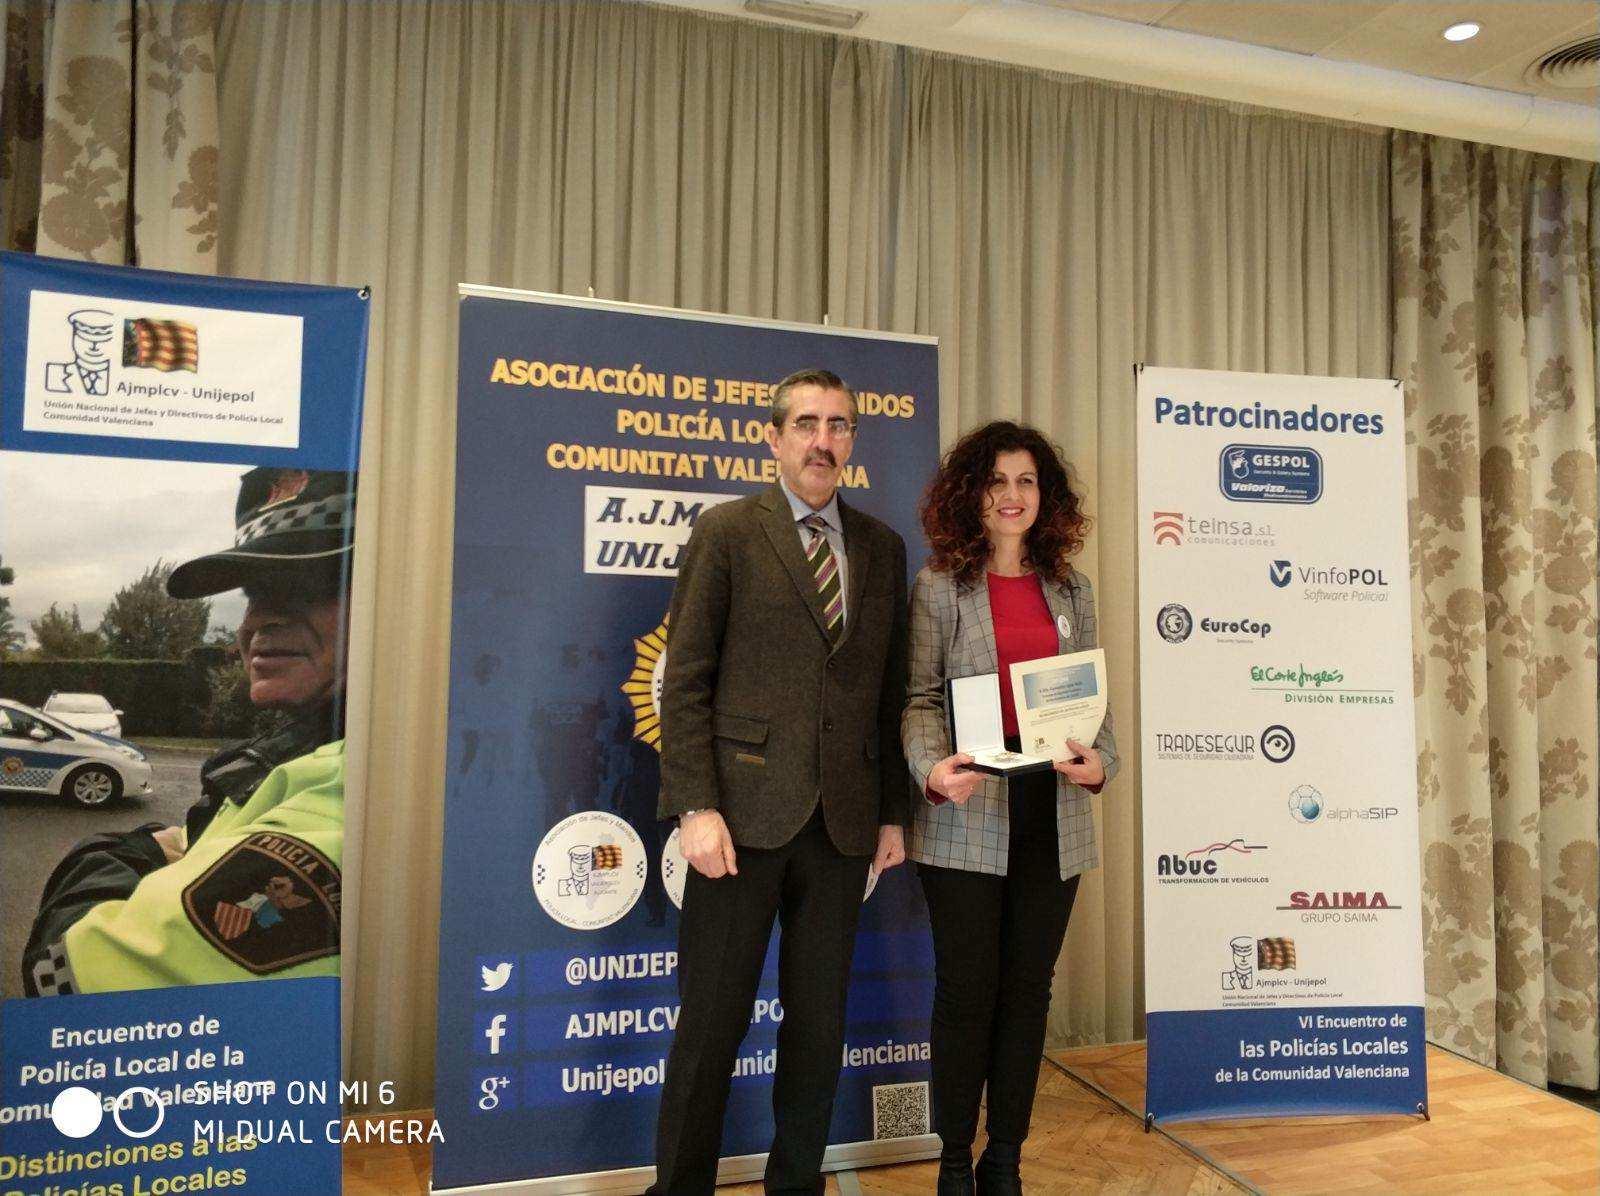 """La edil Fuensanta López recibe un galardón por su """"innovadora gestión"""" al frente de la Policía Local de Castalla"""